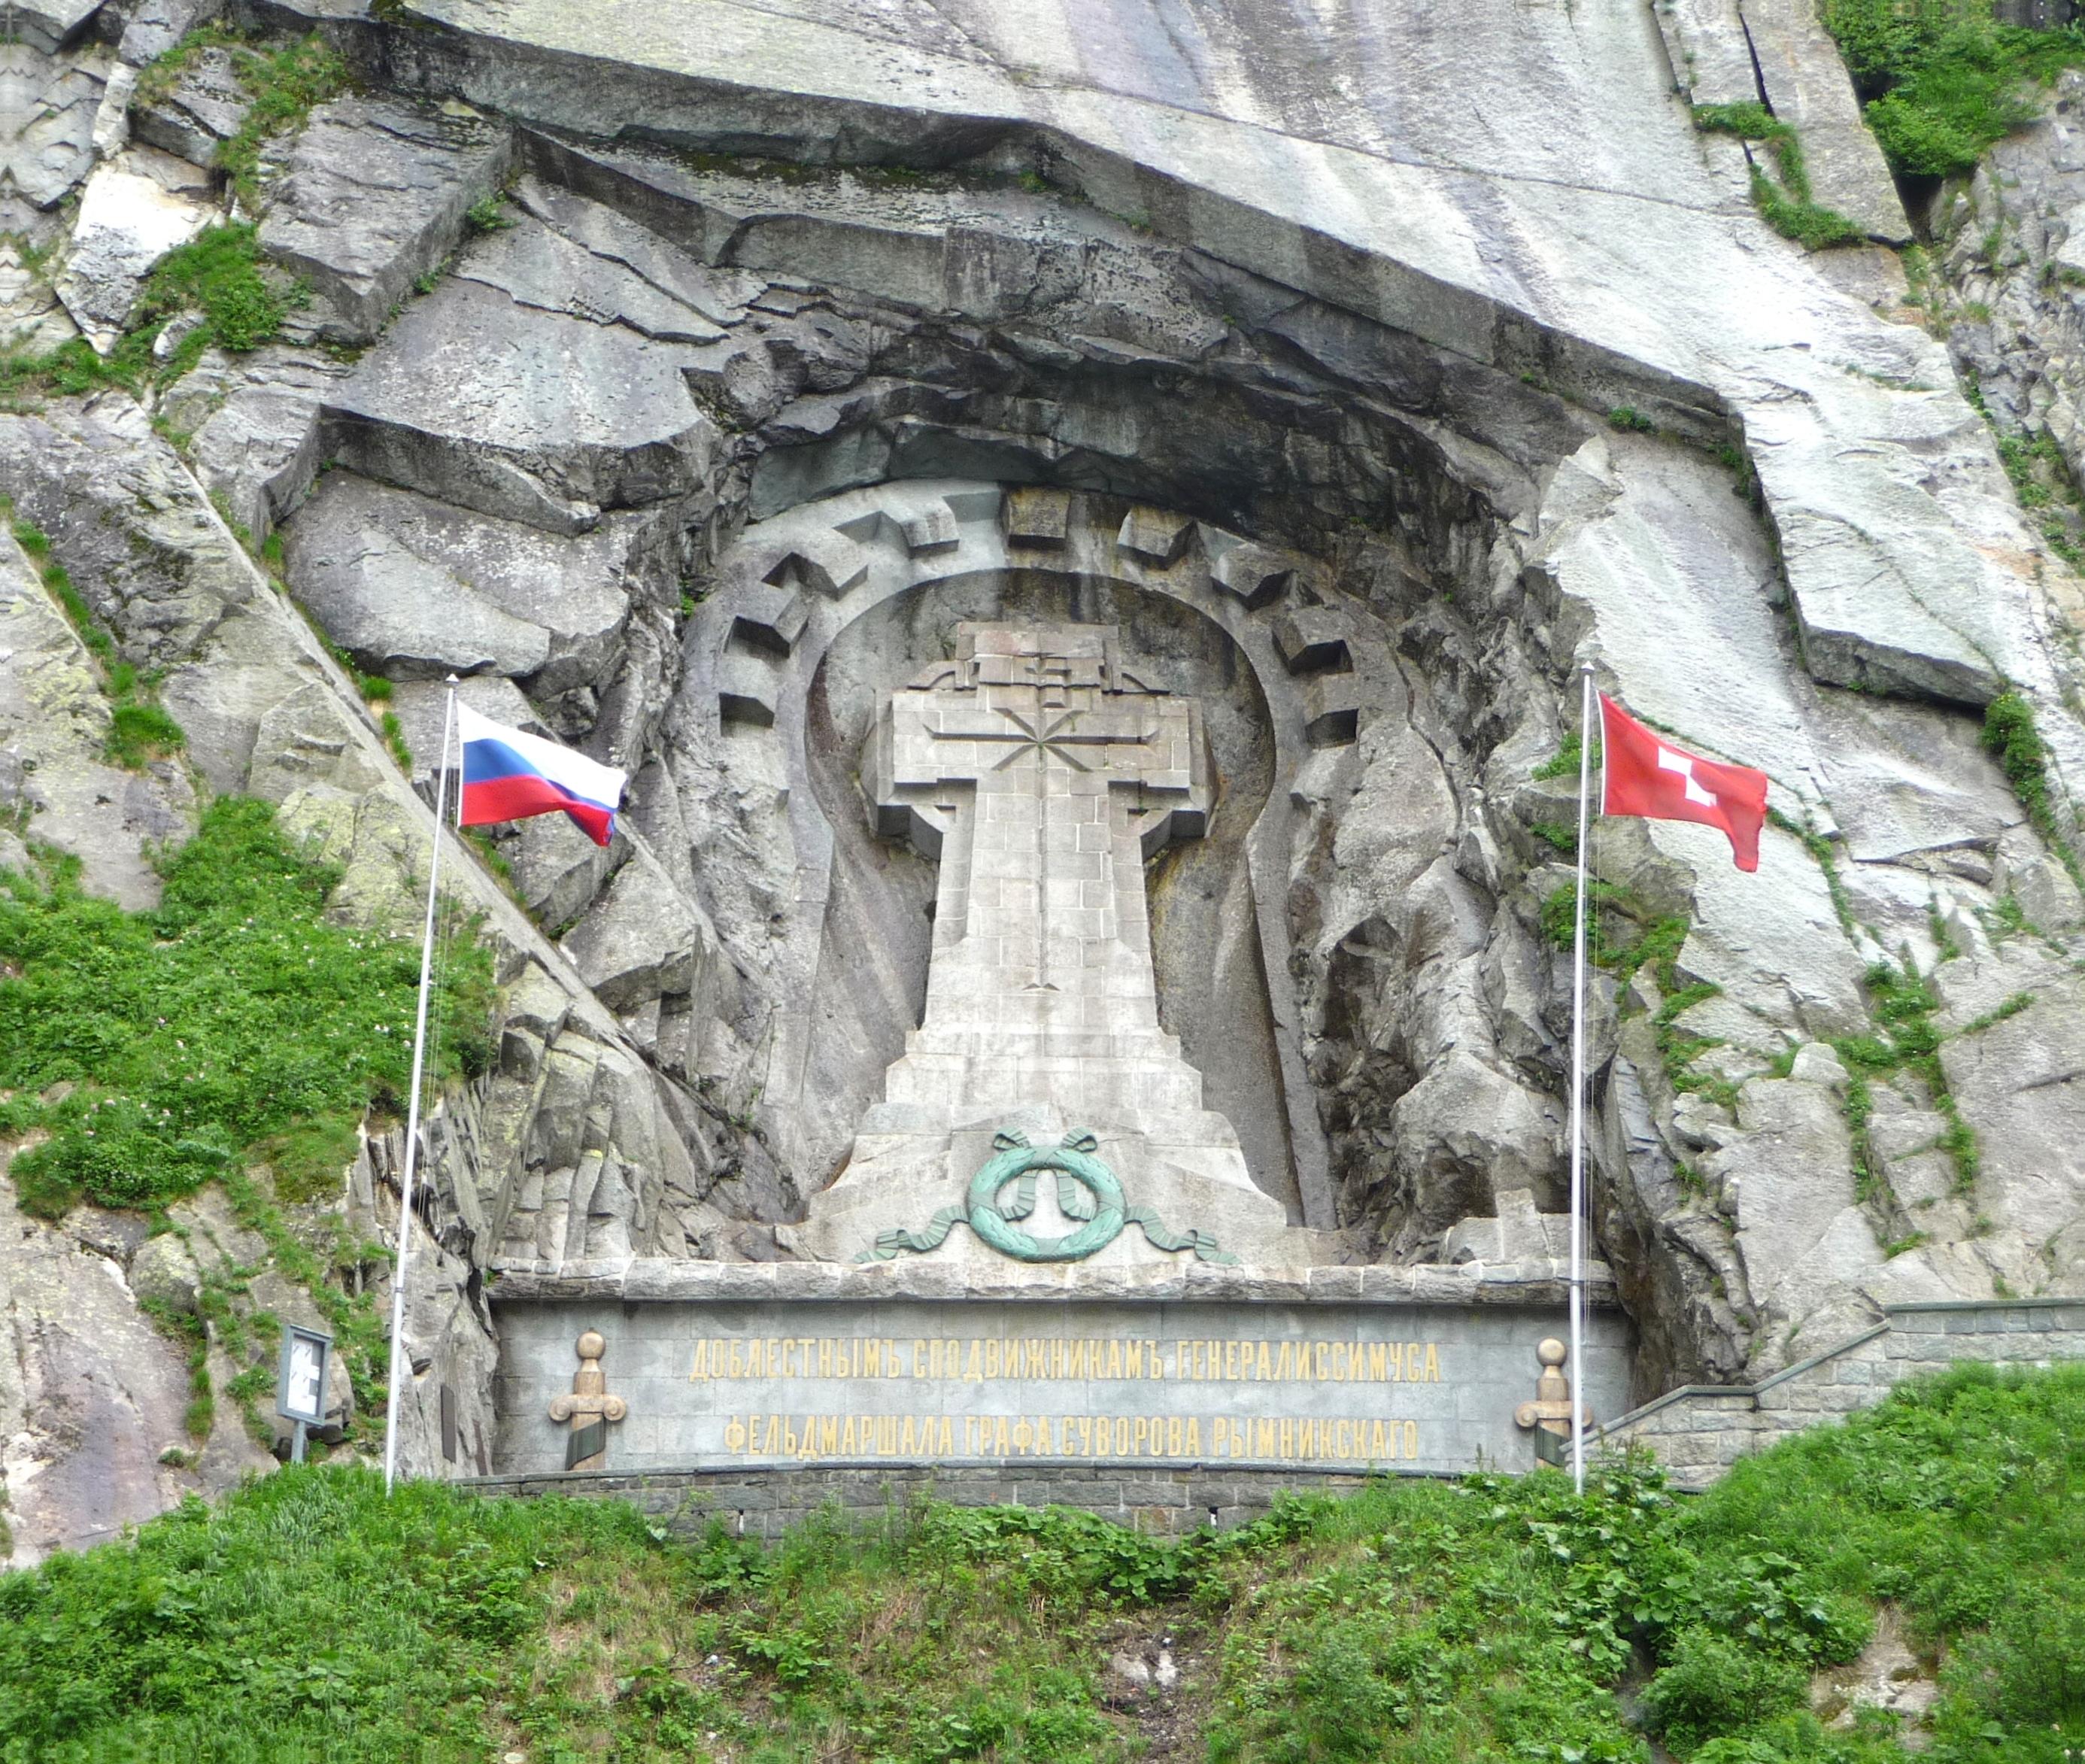 Bildergebnis für suvorov monument switzerland